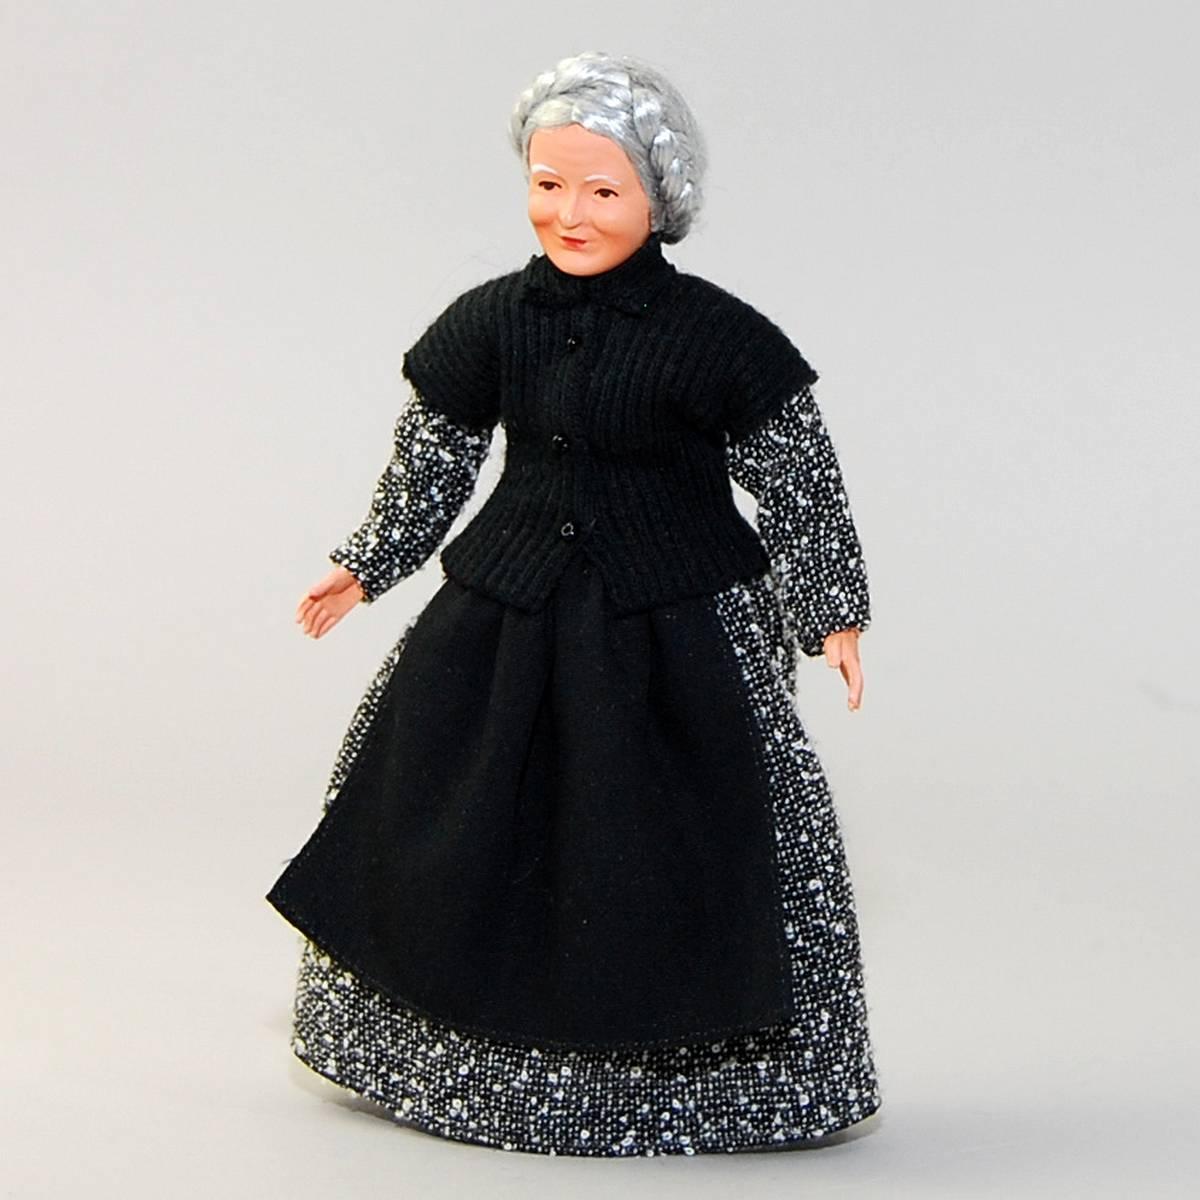 Oma im Kleid mit Schürze